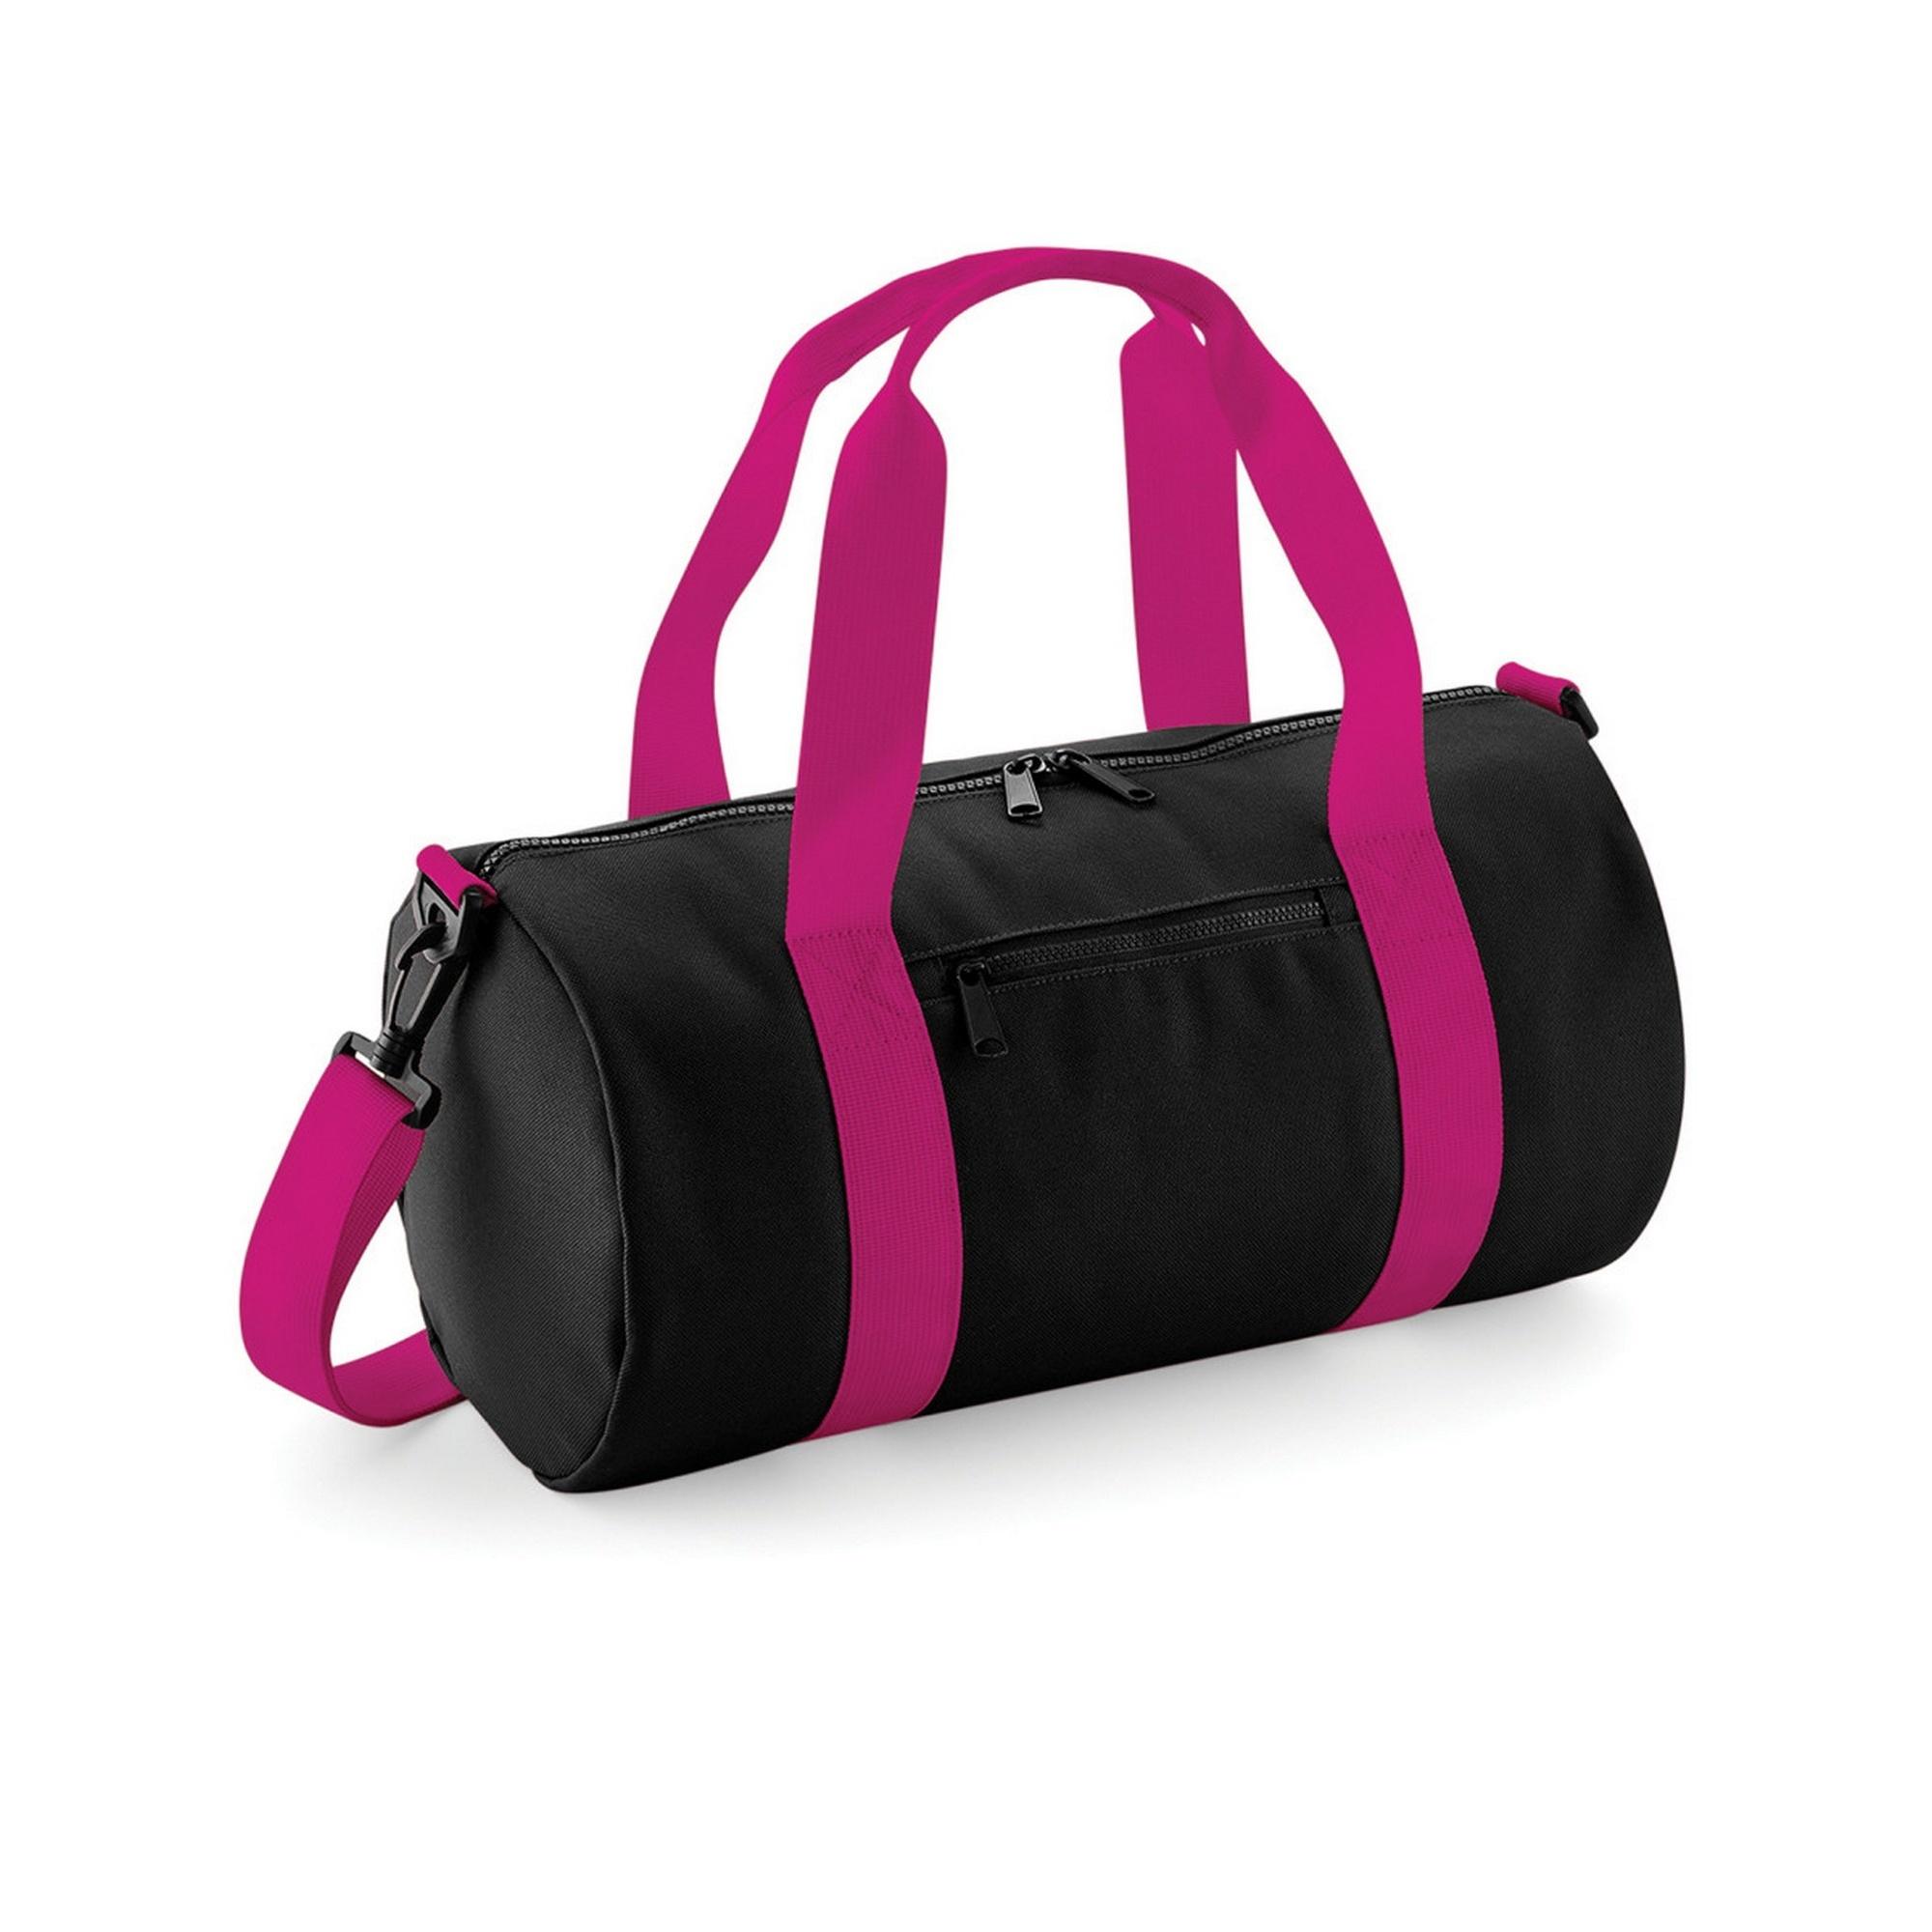 Bagbase Mini Barrel Shoulder Bag (Pack of 2) (One Size) (Black/Fuchia)